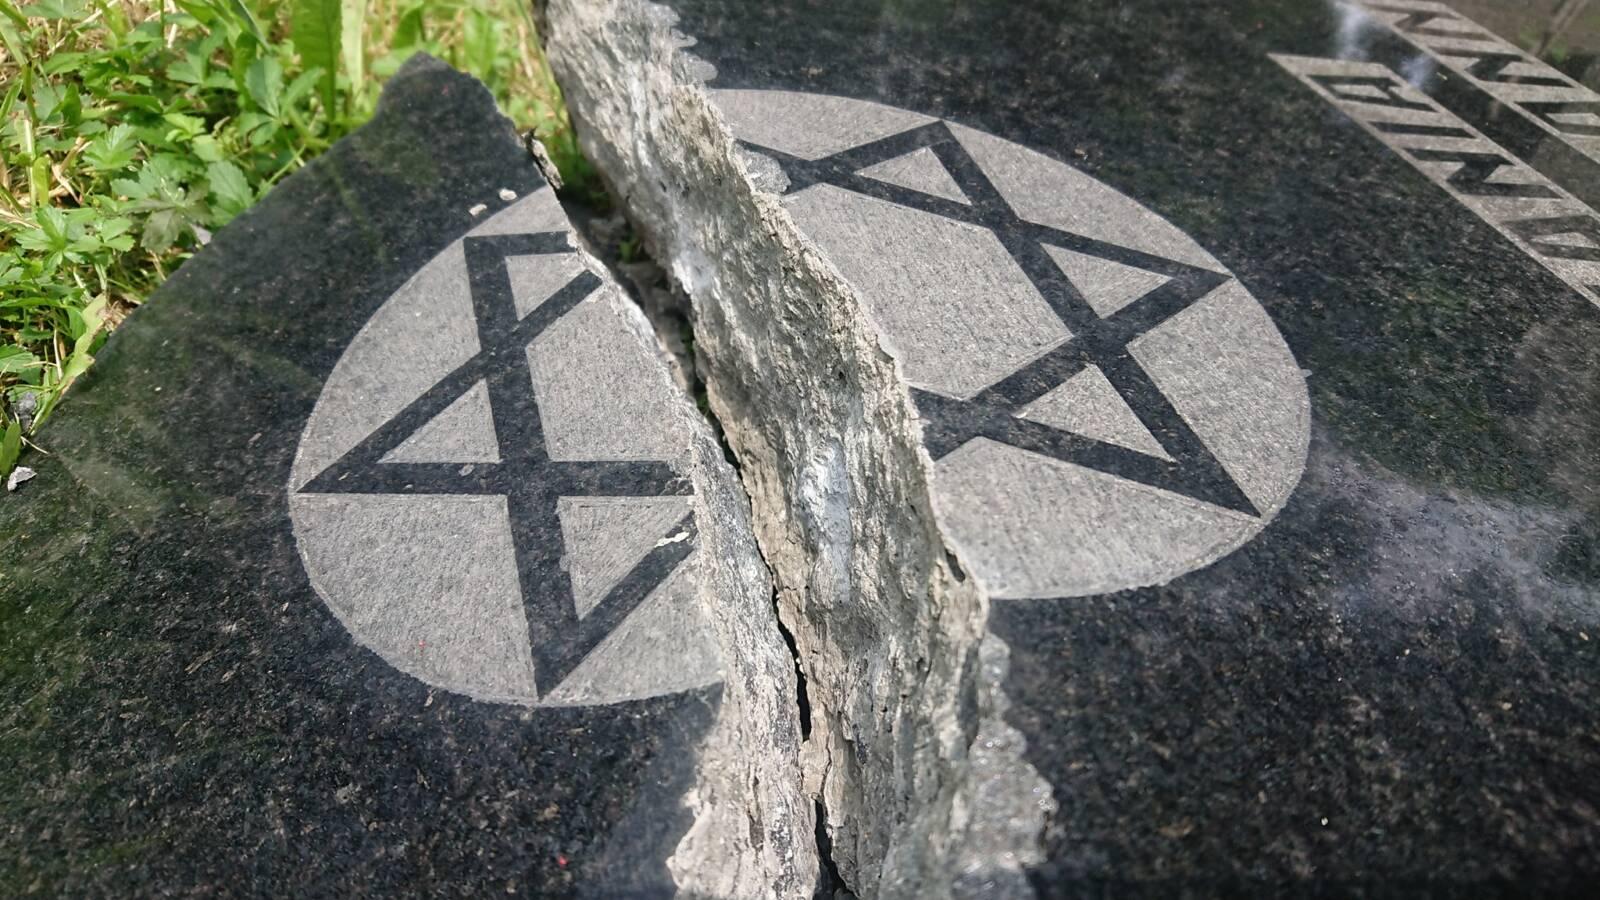 A holokauszt-túlélők napján rongáltak meg közel 70 sírkövet egy lengyelországi zsidó temetőben – Kibic Magazin